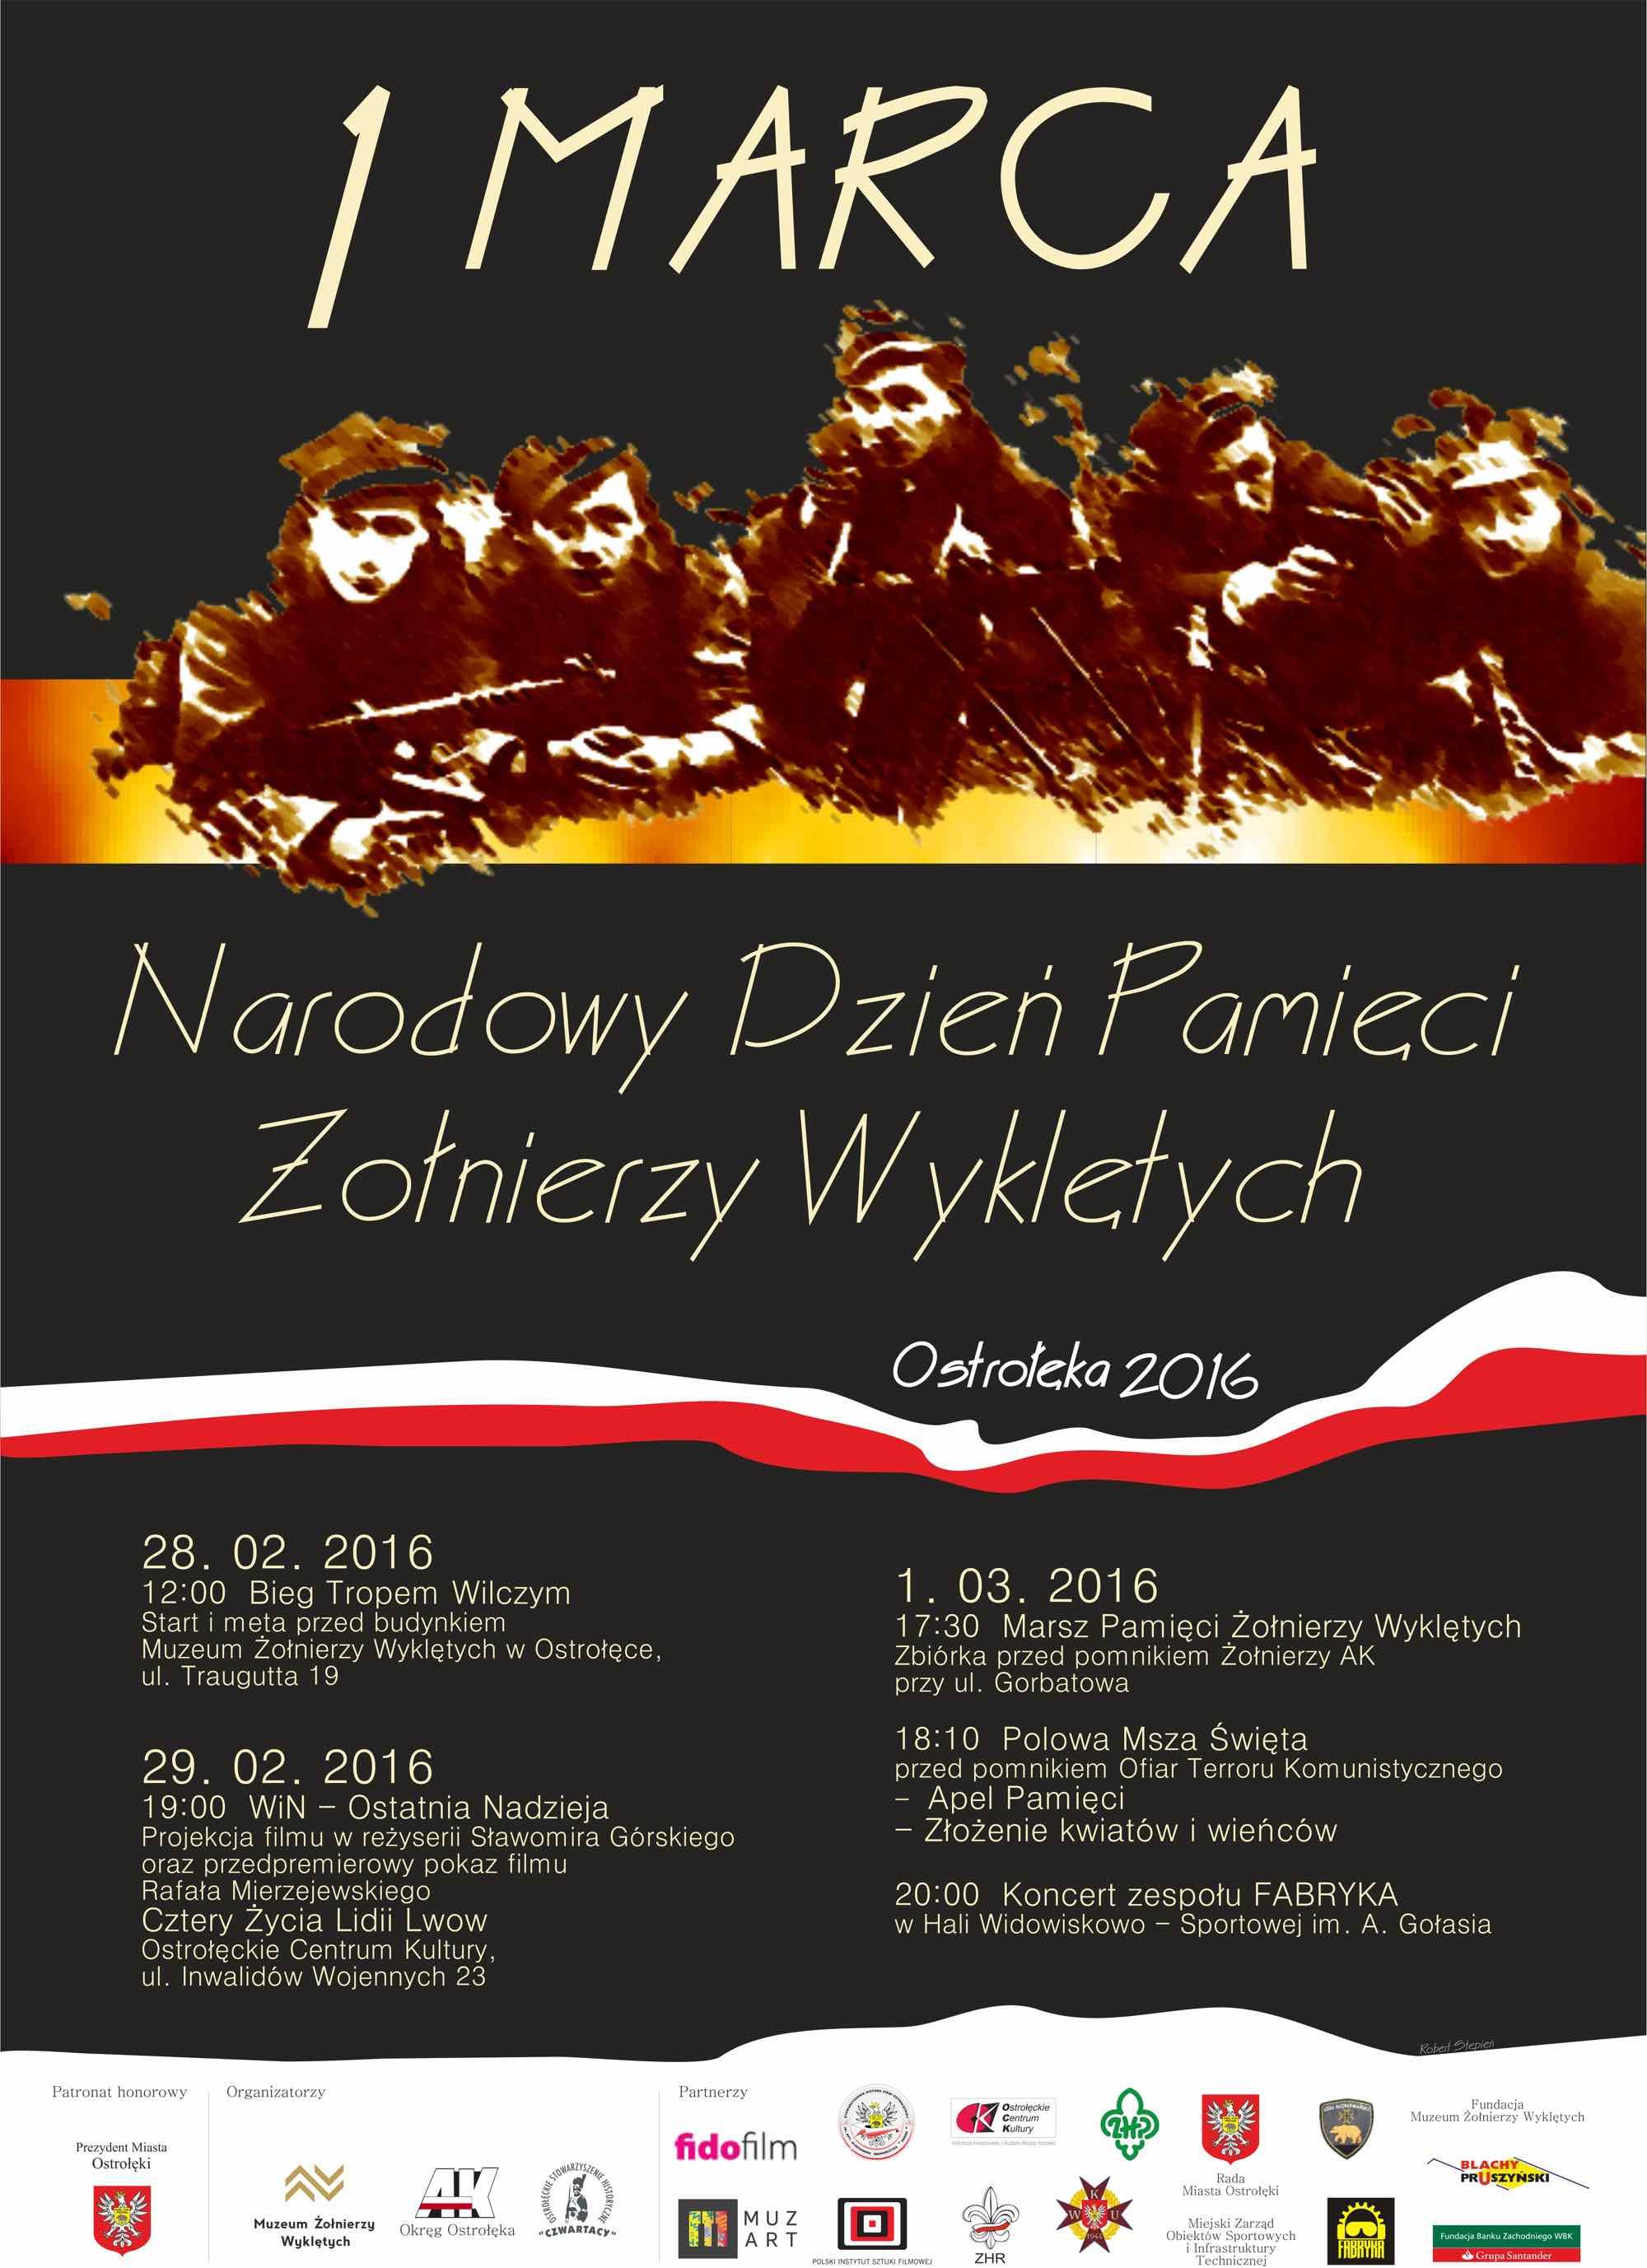 plakat 1 marca obchody świeta w Ostrołęce